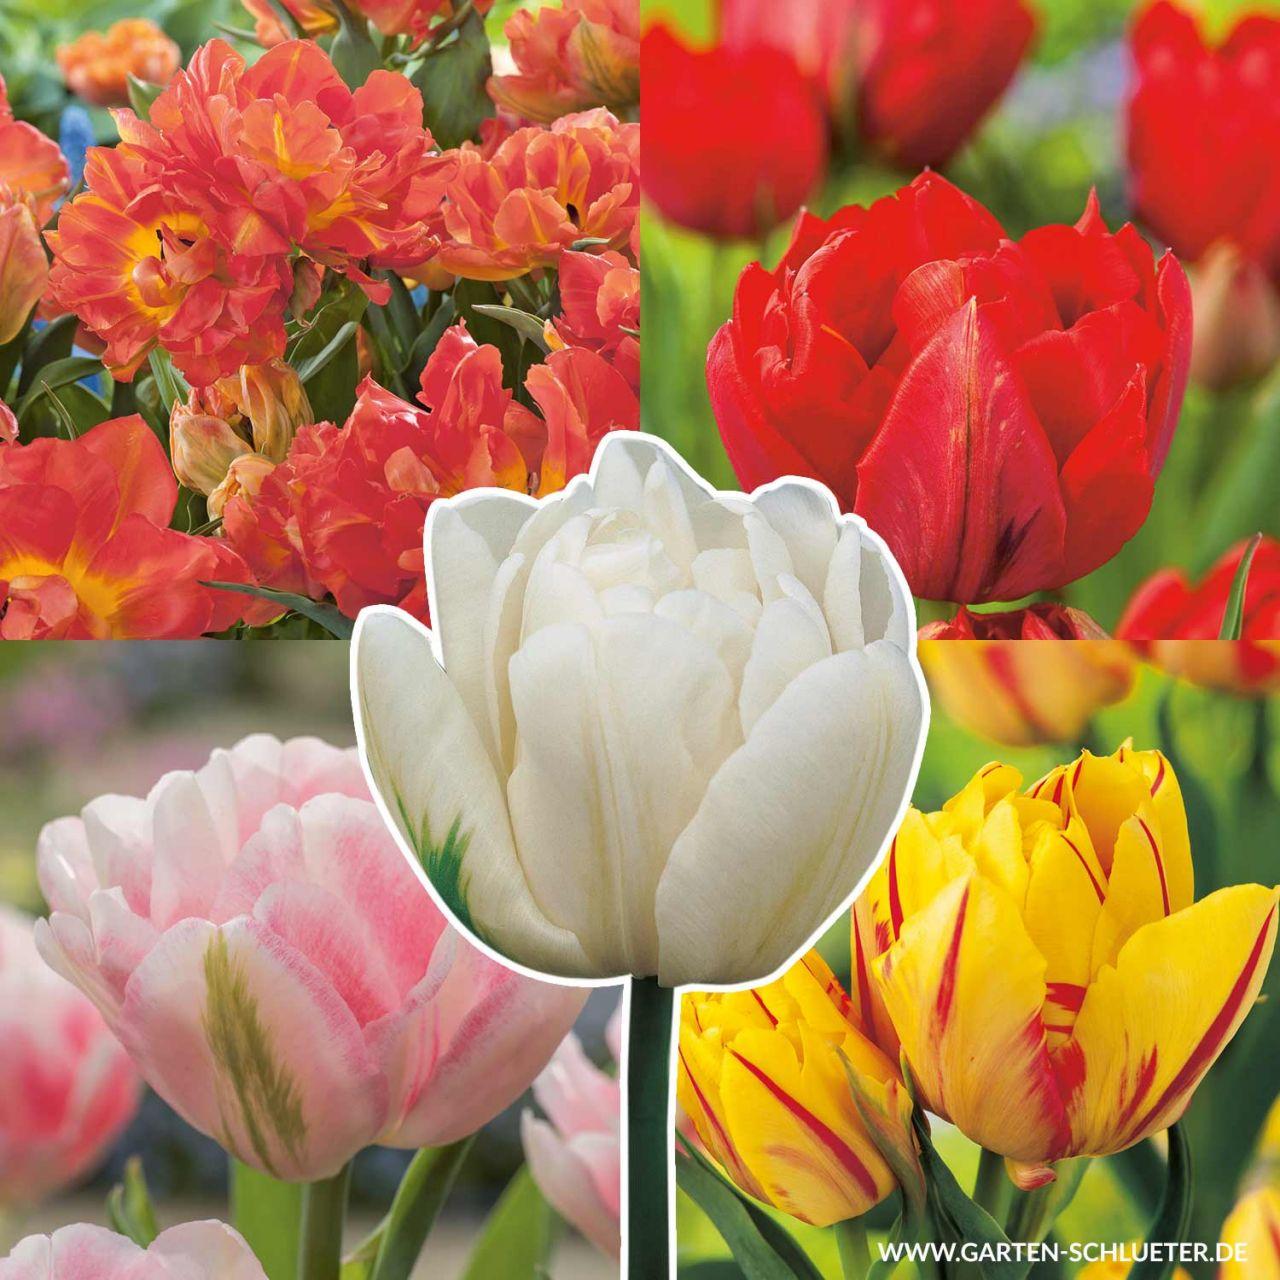 Gefüllte frühe Tulpe 'Sortiment in 5 Sorten' - 35 Stück